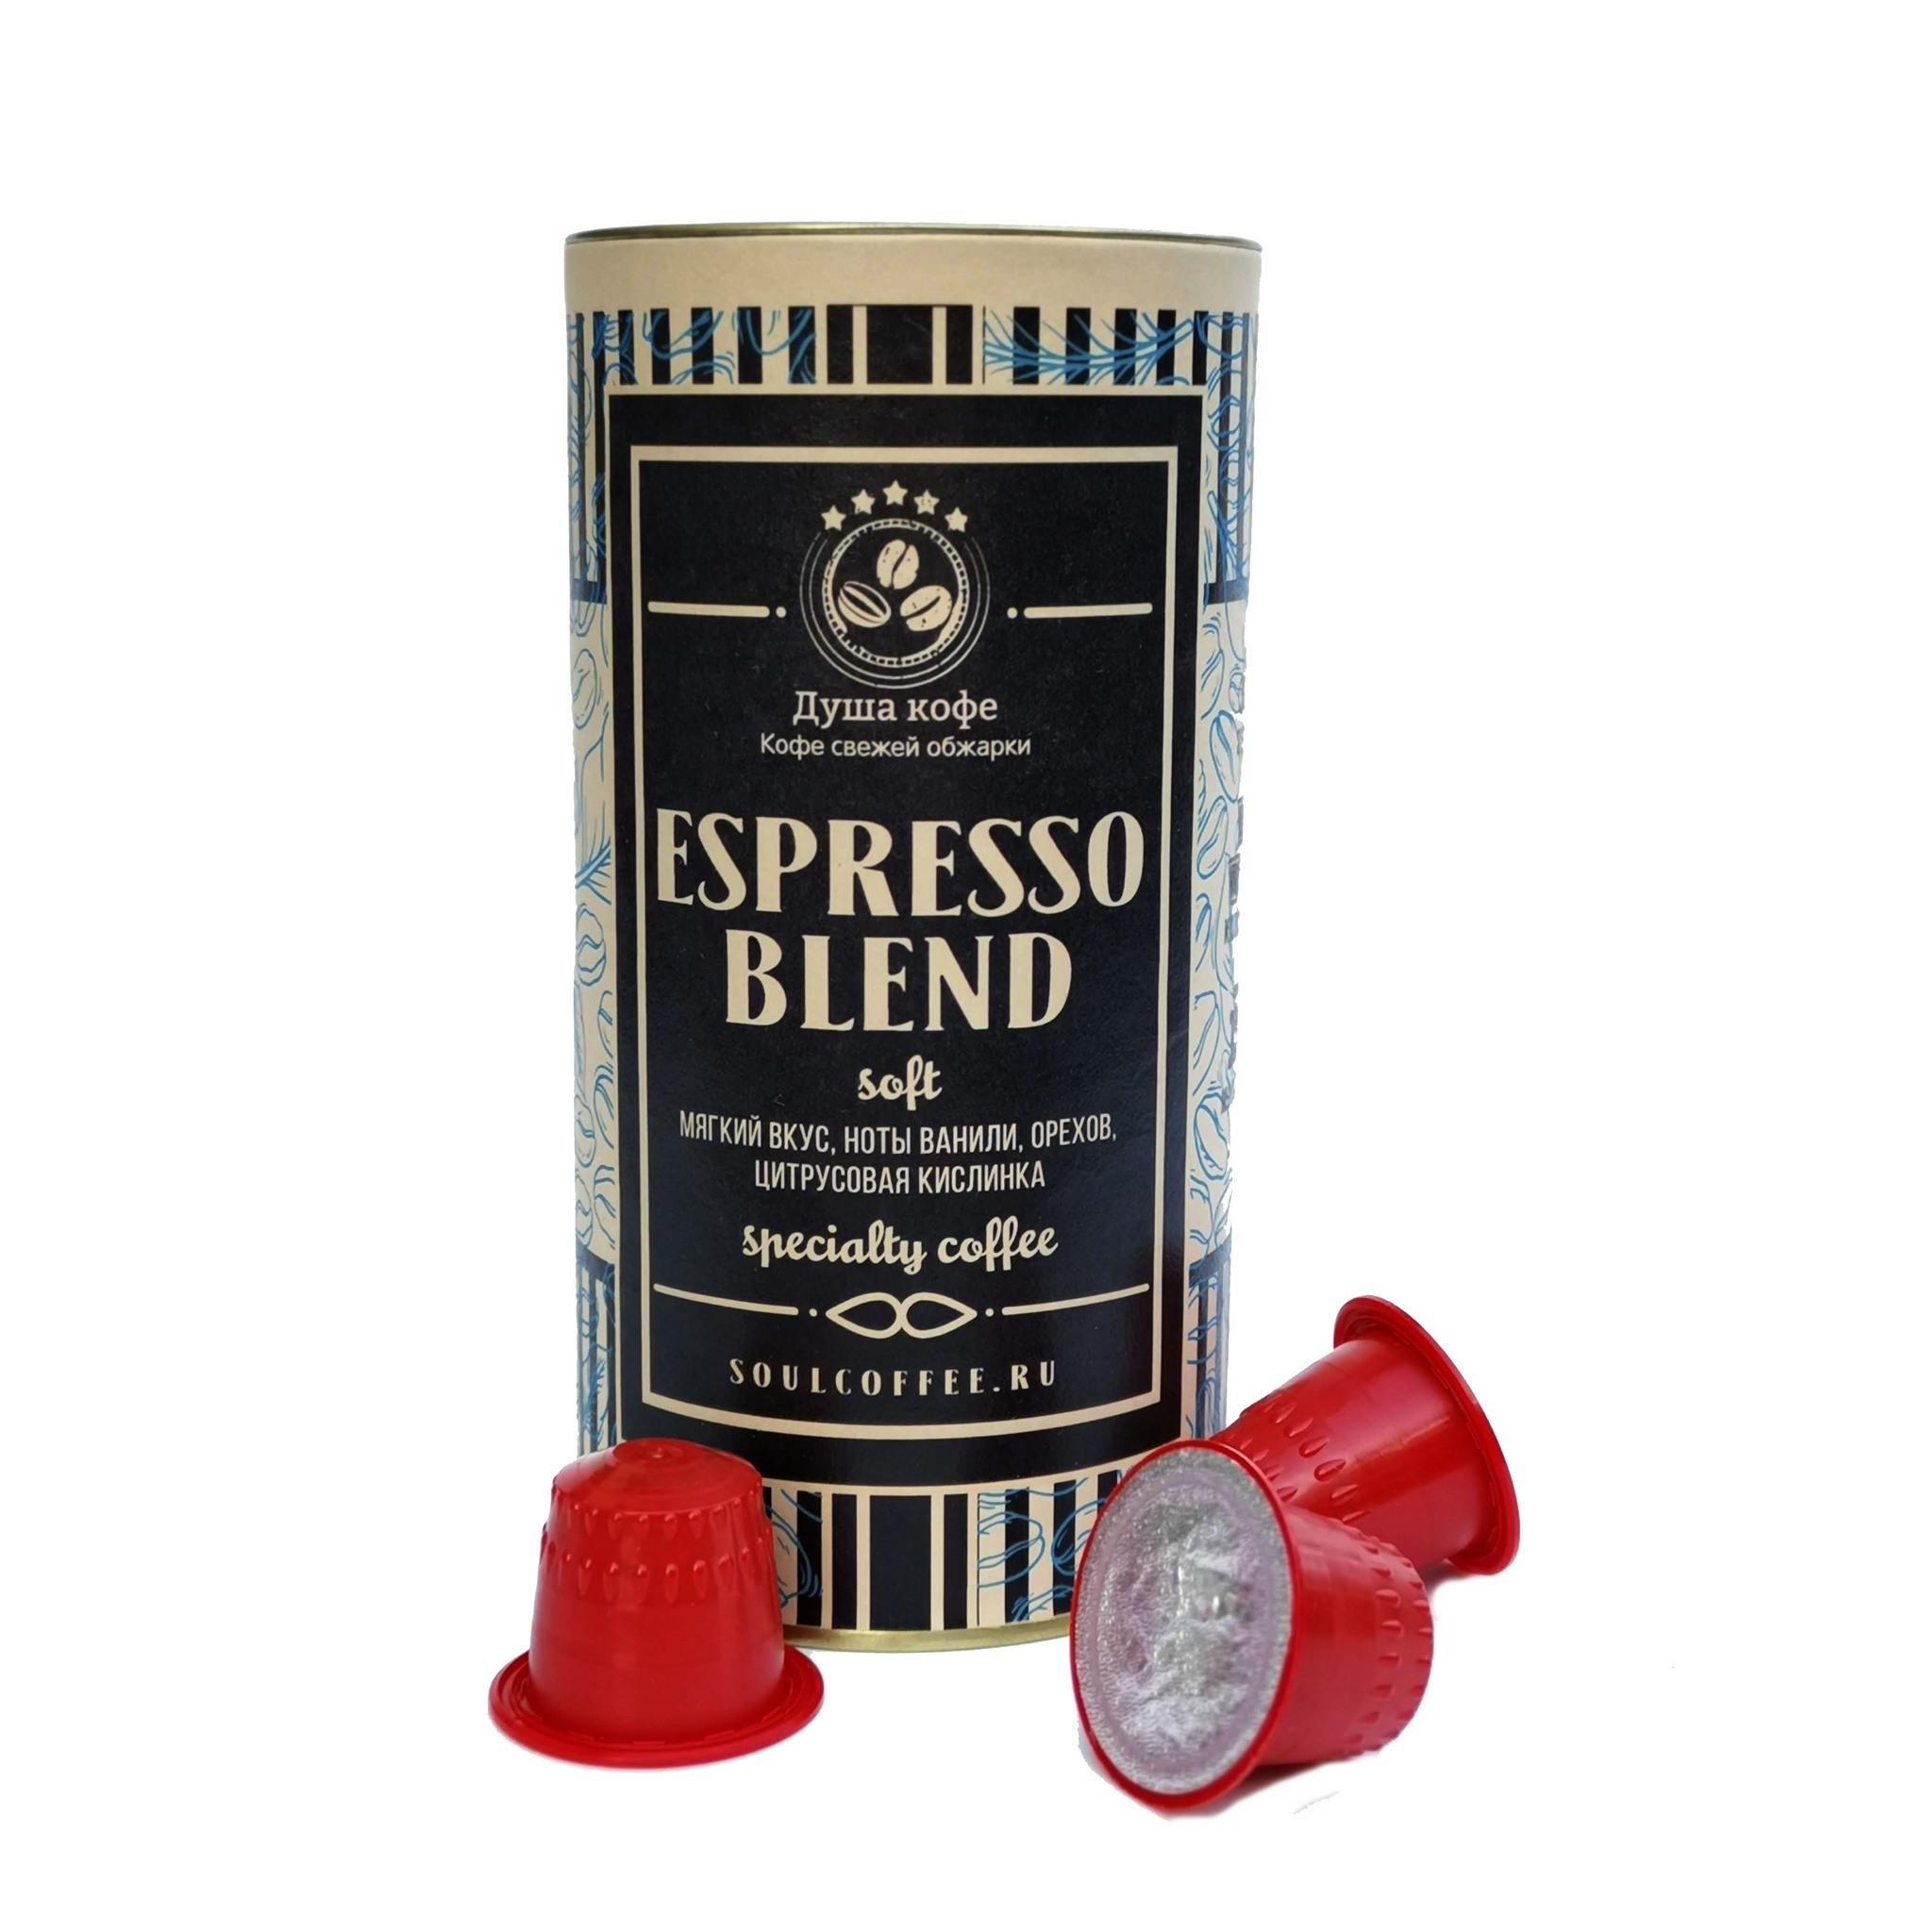 Кофе в капсулах Эспрессо бленд Софт